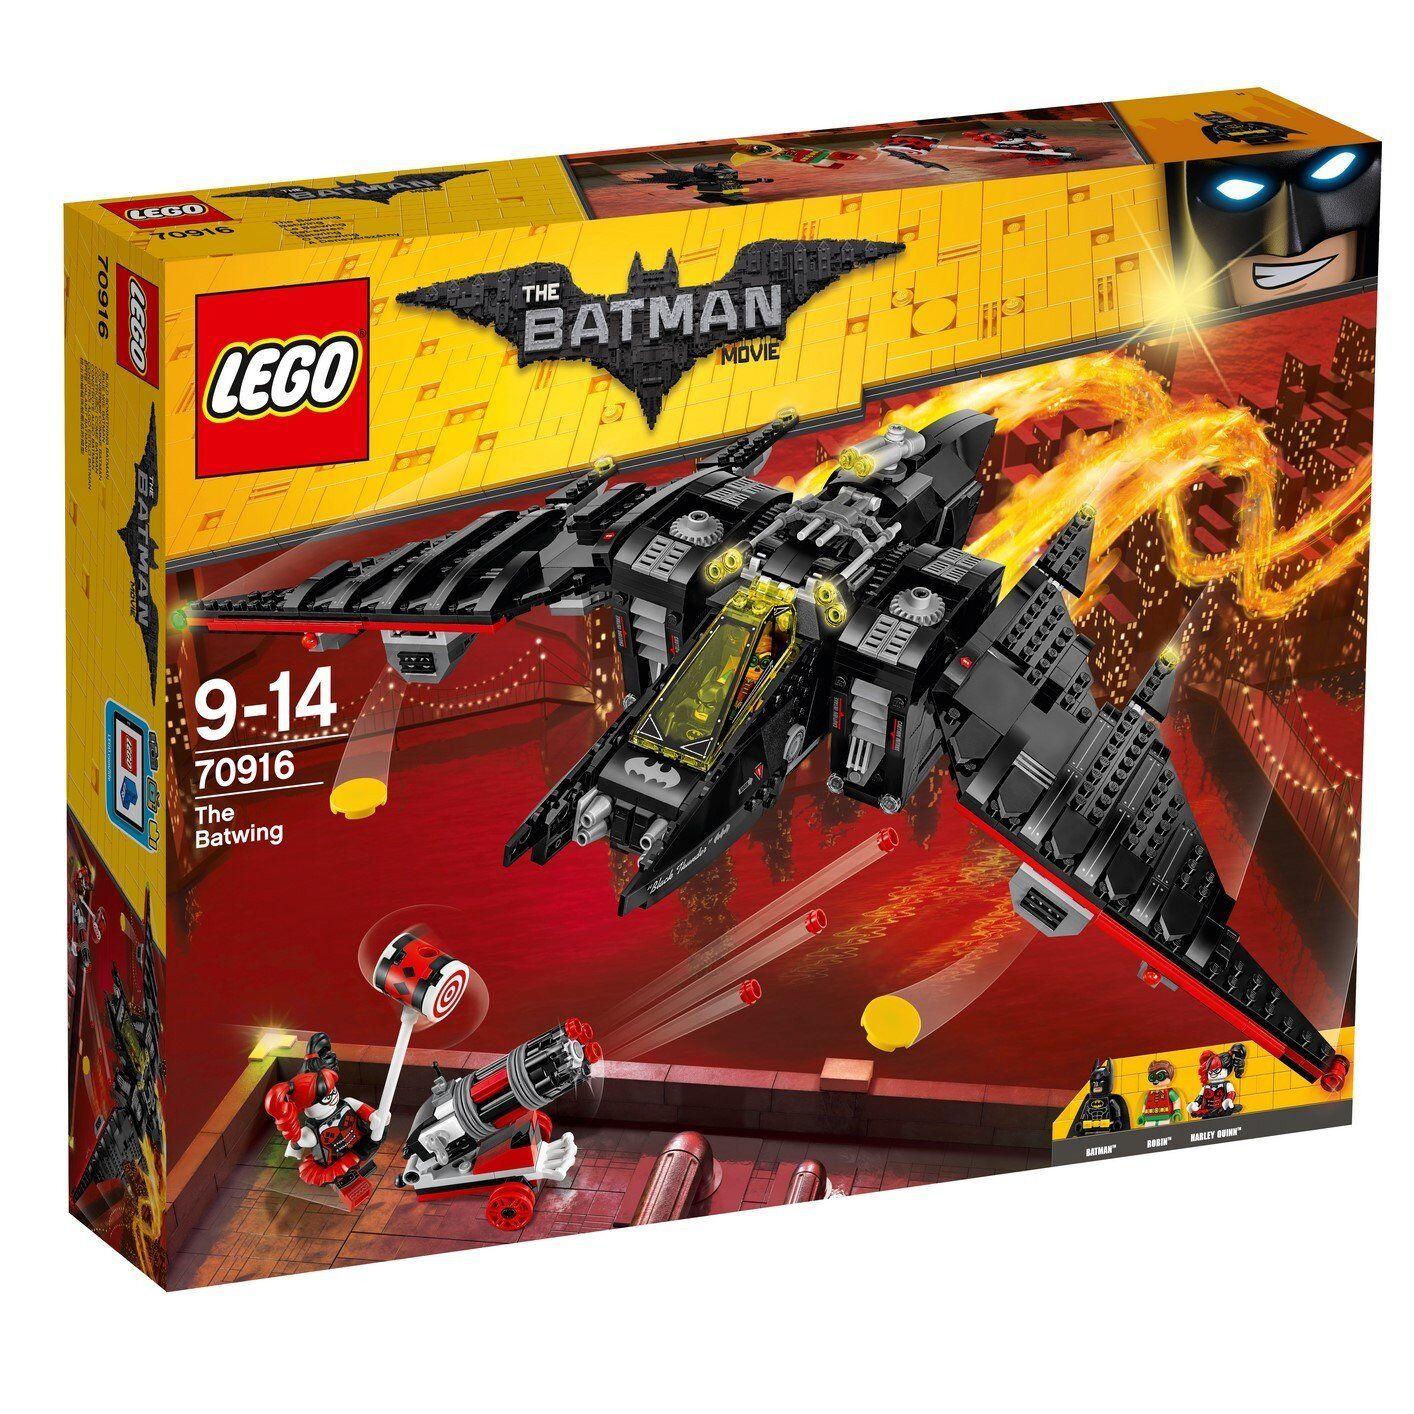 LEGO 70916 il film LEGO BATMAN-il Batwing * NO Minifigures * Nuovo Di Zecca in Scatola